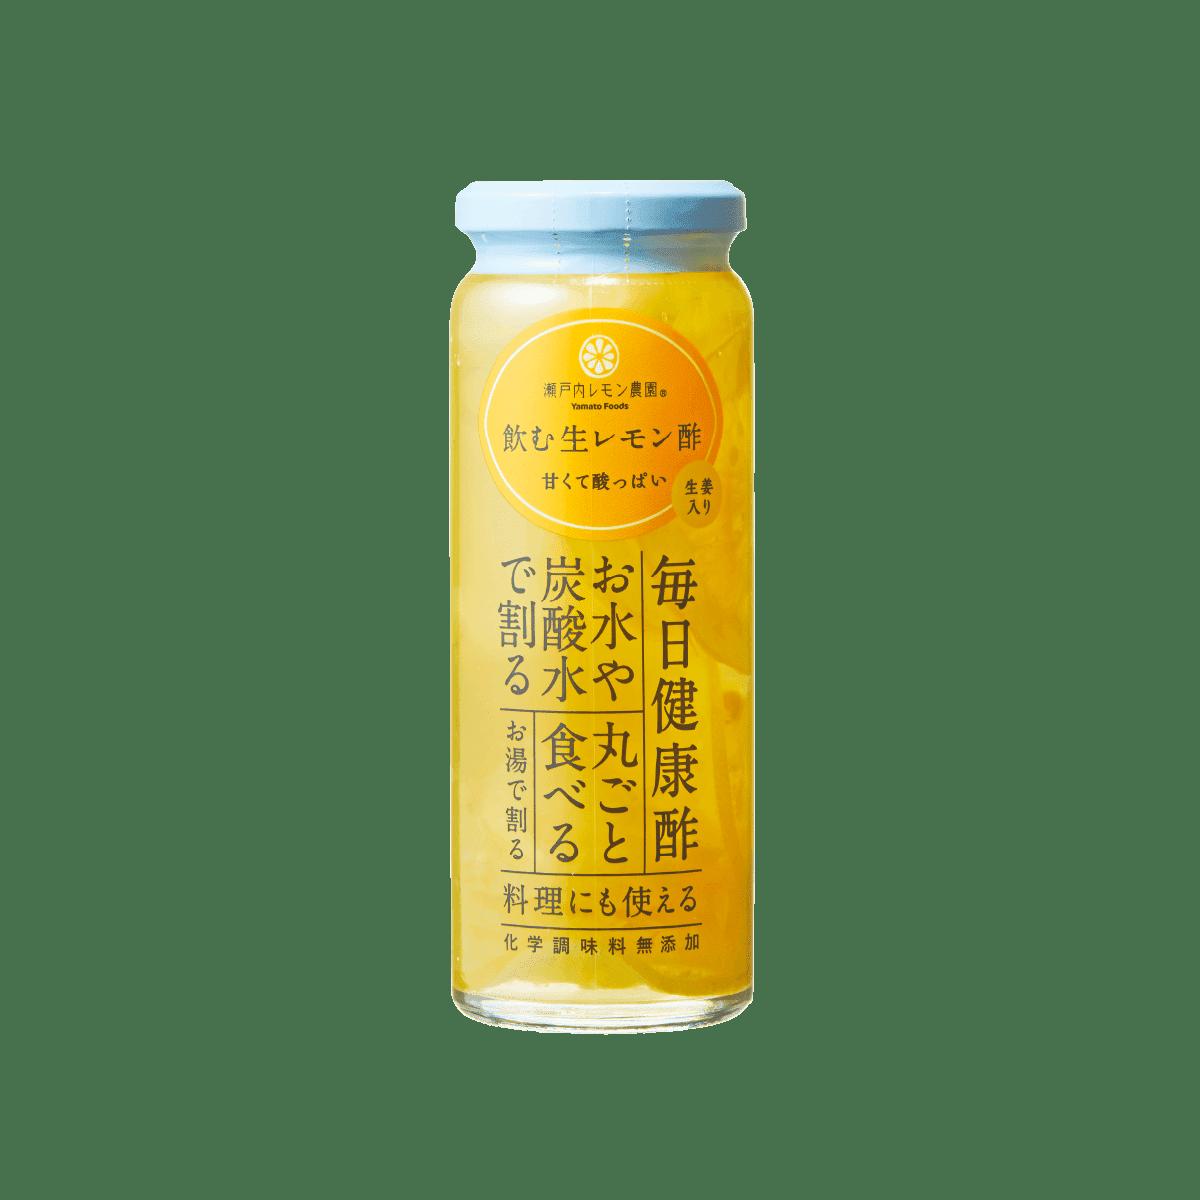 飲む生レモン酢「生姜入り」220g